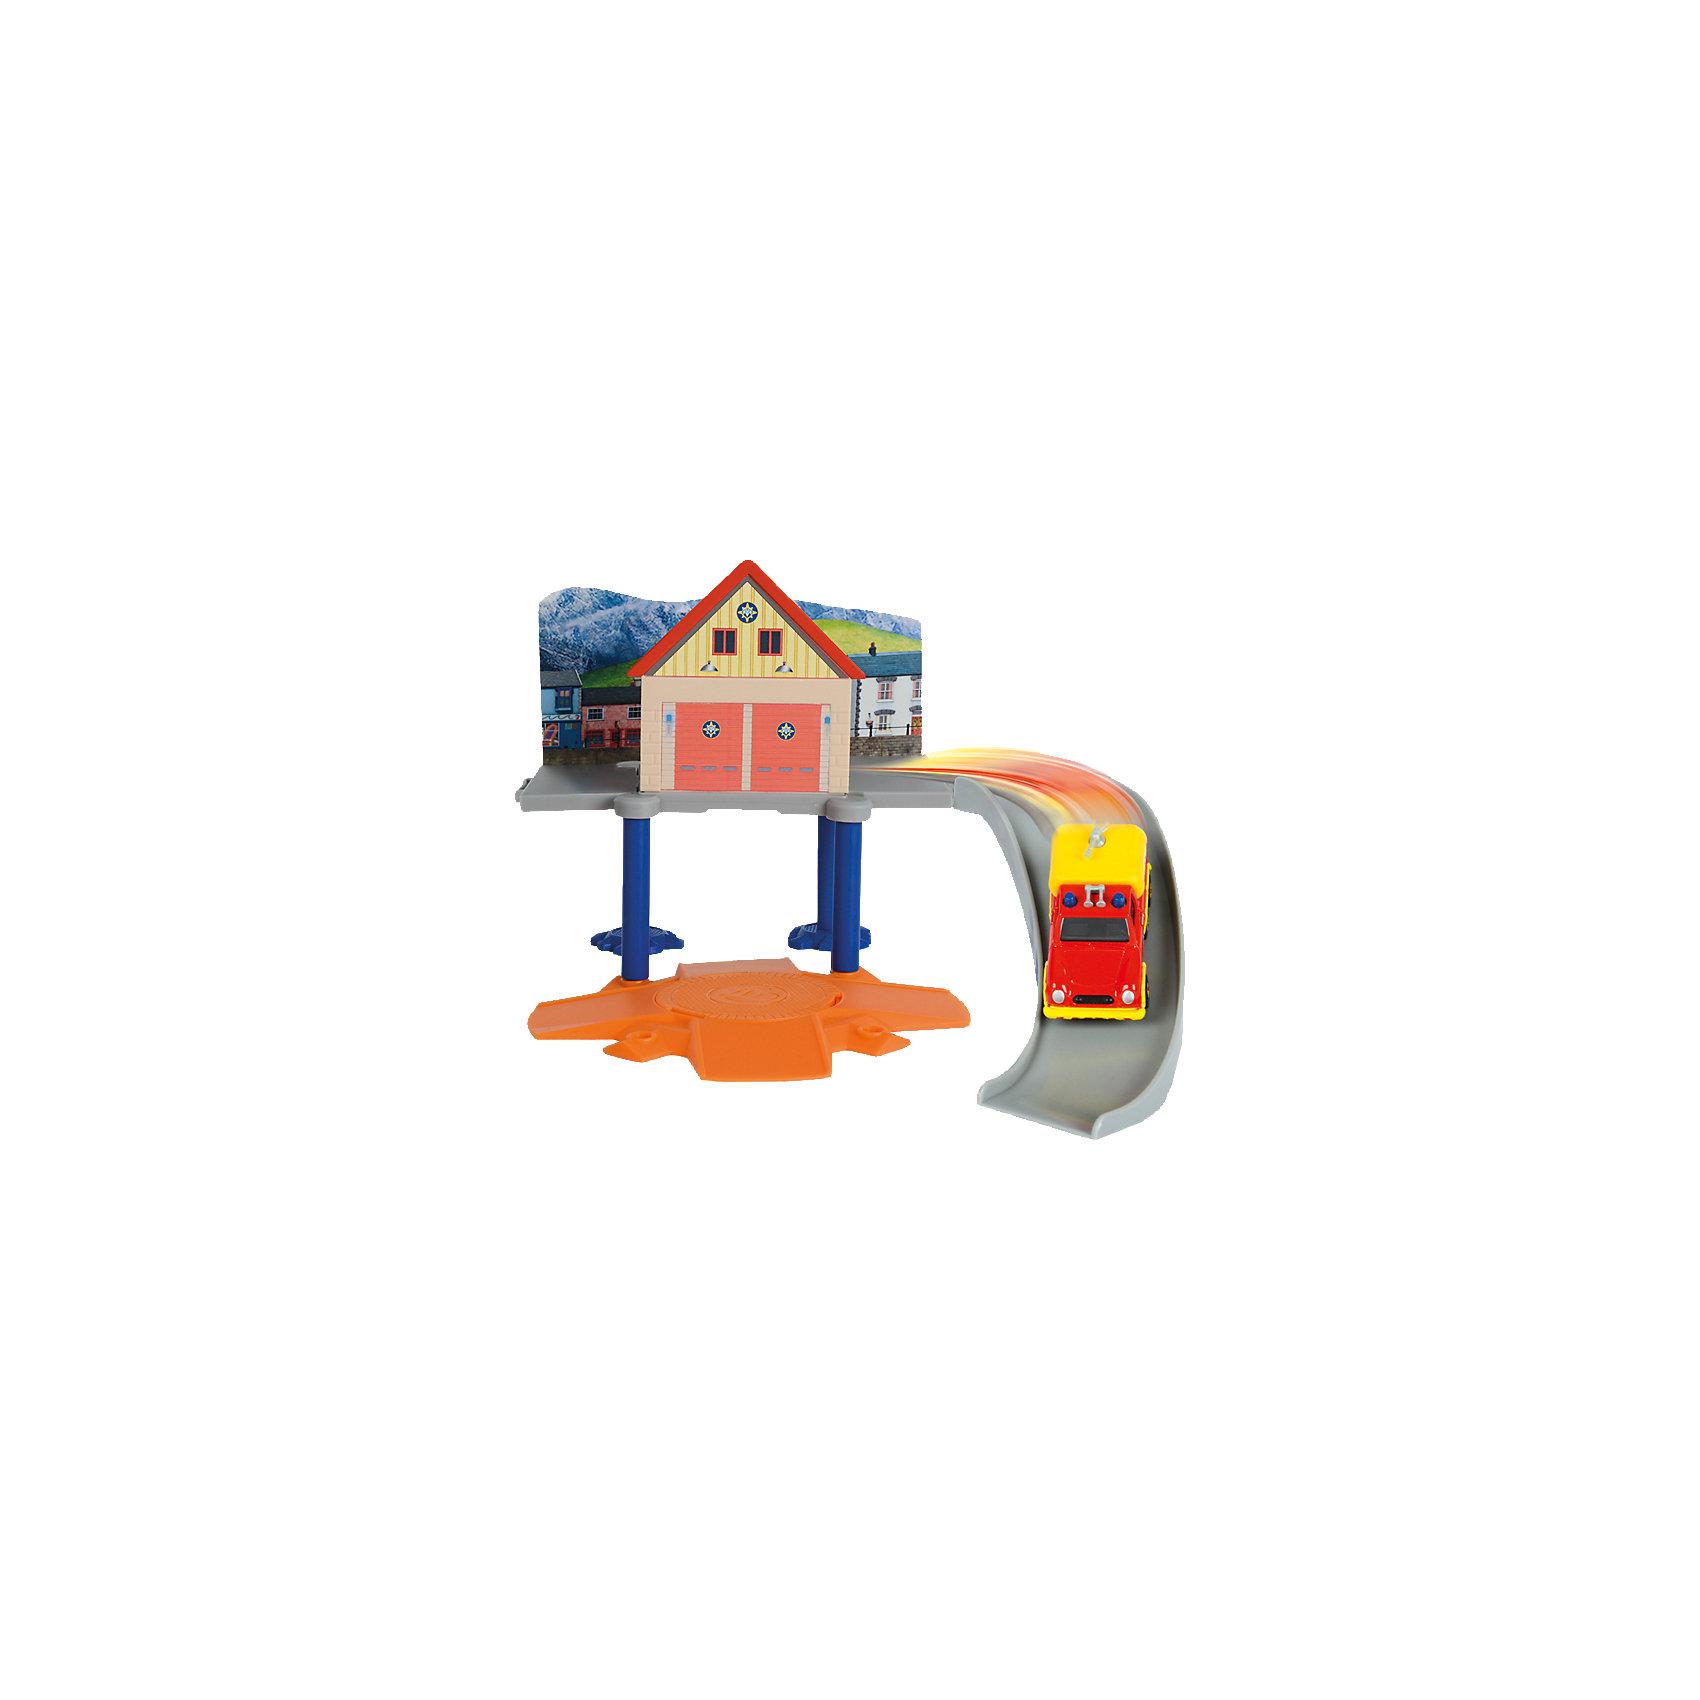 Пожарный гараж с машинкой, Пожарный Сэм, DickieПарковки и гаражи<br>Пожарный гараж с машинкой, Пожарный Сэм, Dickie (Дики) – этот набор, несомненно, придется по душе вашему мальчику и не позволит ему скучать.<br>Увлекательный игровой набор «Пожарный гараж с машинкой» от Dickie (Дики) создан по мотивам мультфильма «Пожарный Сэм». Он представляет собой базу пожарных. Пожарный гараж оборудован горкой с бортиками для спуска машинки, круговой платформой, которая вращается на 360 градусов, устойчивыми стойками, которые отвечают за опорную функцию гаража. В набор входит металлическая машина Venus. Машинка изготовлена в соответствии с внешним видом настоящей служебной машины, служащей для перевозки спасательного оборудования. С набором «Пожарный гараж с машинкой» ваш ребенок почувствует себя в роли храброго пожарного, и справиться с любыми опасностями! Благодаря откидывающейся боковой панели набор можно объединить с Морским гаражом (3099618), который продается отдельно, что сделает сюжетно-ролевые игры еще веселее. <br><br>Дополнительная информация:<br><br>- В наборе: детали гаража, машинка<br>- Размер собранного гаража: 30 x 30 x 10 см.<br>- Масштаб машинки 1:64<br>- Материал: высококачественный пластик, металл, картон<br>- Размер упаковки: 25 x 9 x 16 см.<br>- Вес: 1 кг.<br><br>Пожарный гараж с машинкой, Пожарный Сэм, Dickie (Дики) можно купить в нашем интернет-магазине.<br><br>Ширина мм: 250<br>Глубина мм: 90<br>Высота мм: 160<br>Вес г: 1000<br>Возраст от месяцев: 36<br>Возраст до месяцев: 72<br>Пол: Мужской<br>Возраст: Детский<br>SKU: 4490483